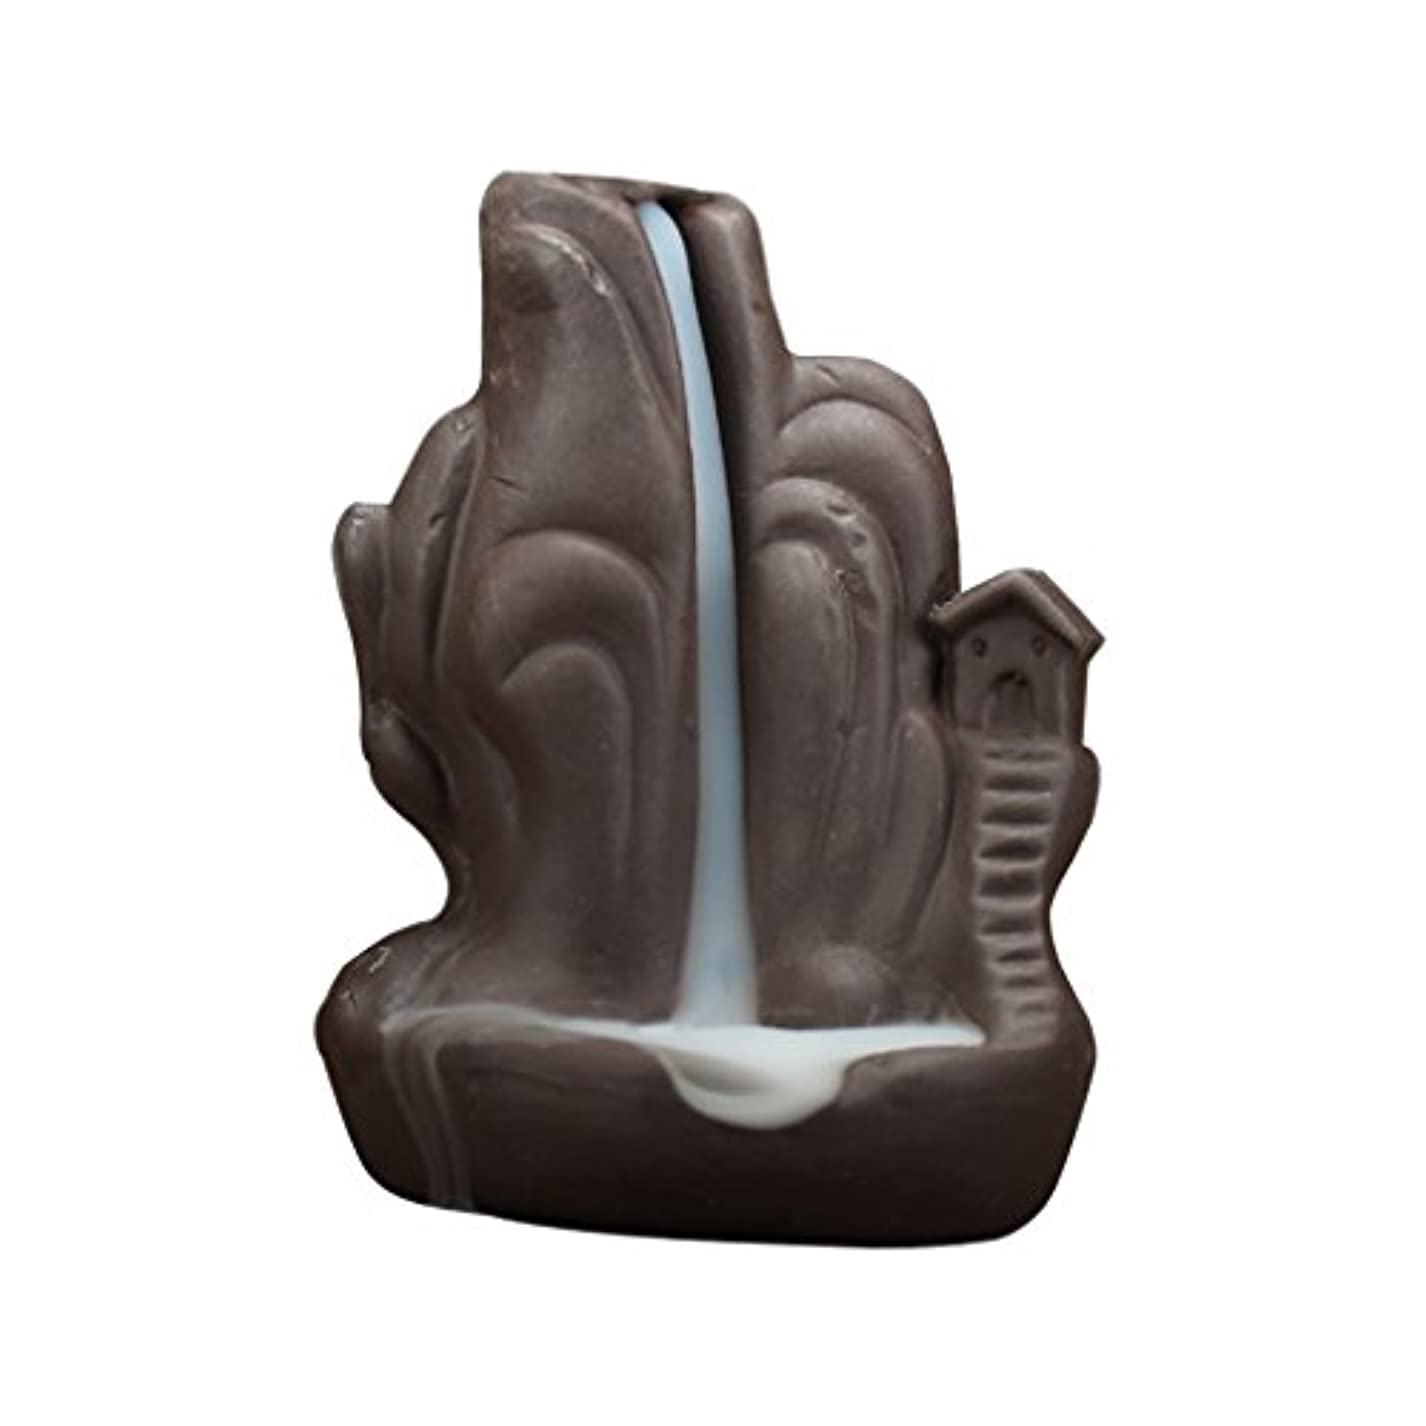 フィードバック空の見落とす全4種 繊細 絶妙 デザイン 磁器 逆流香 香炉 仏壇 古典的 装飾 - 2#